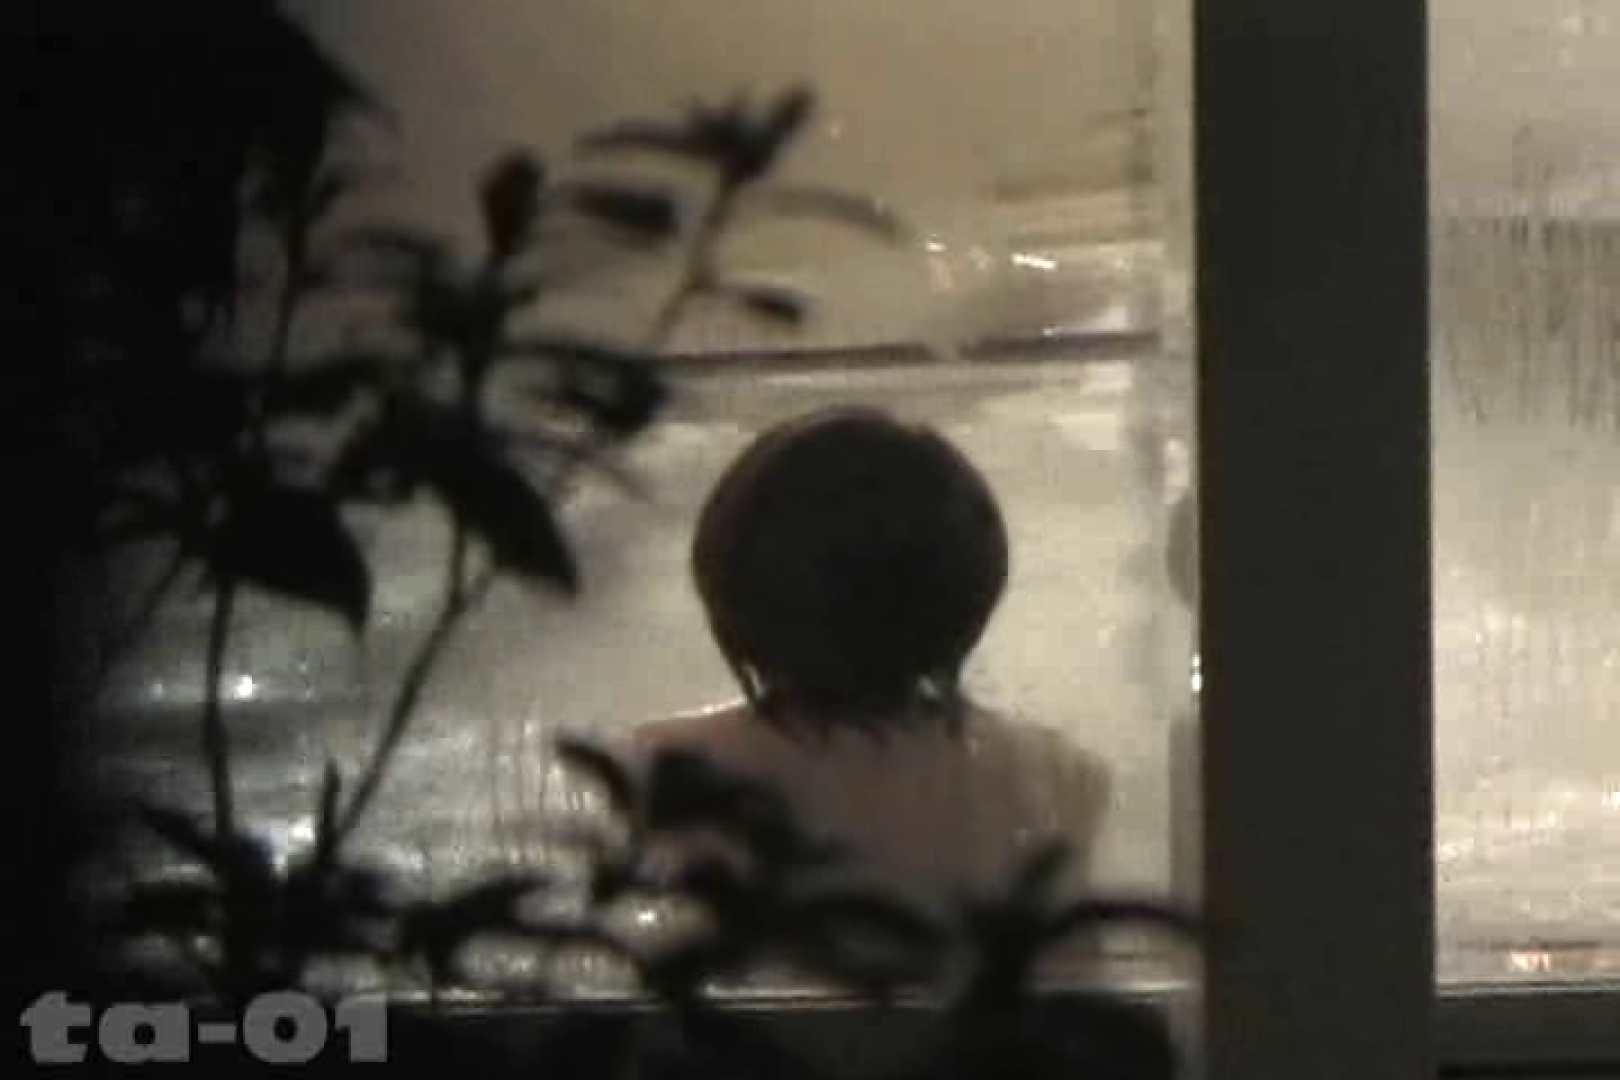 合宿ホテル女風呂盗撮高画質版 Vol.01 女風呂  91pic 36